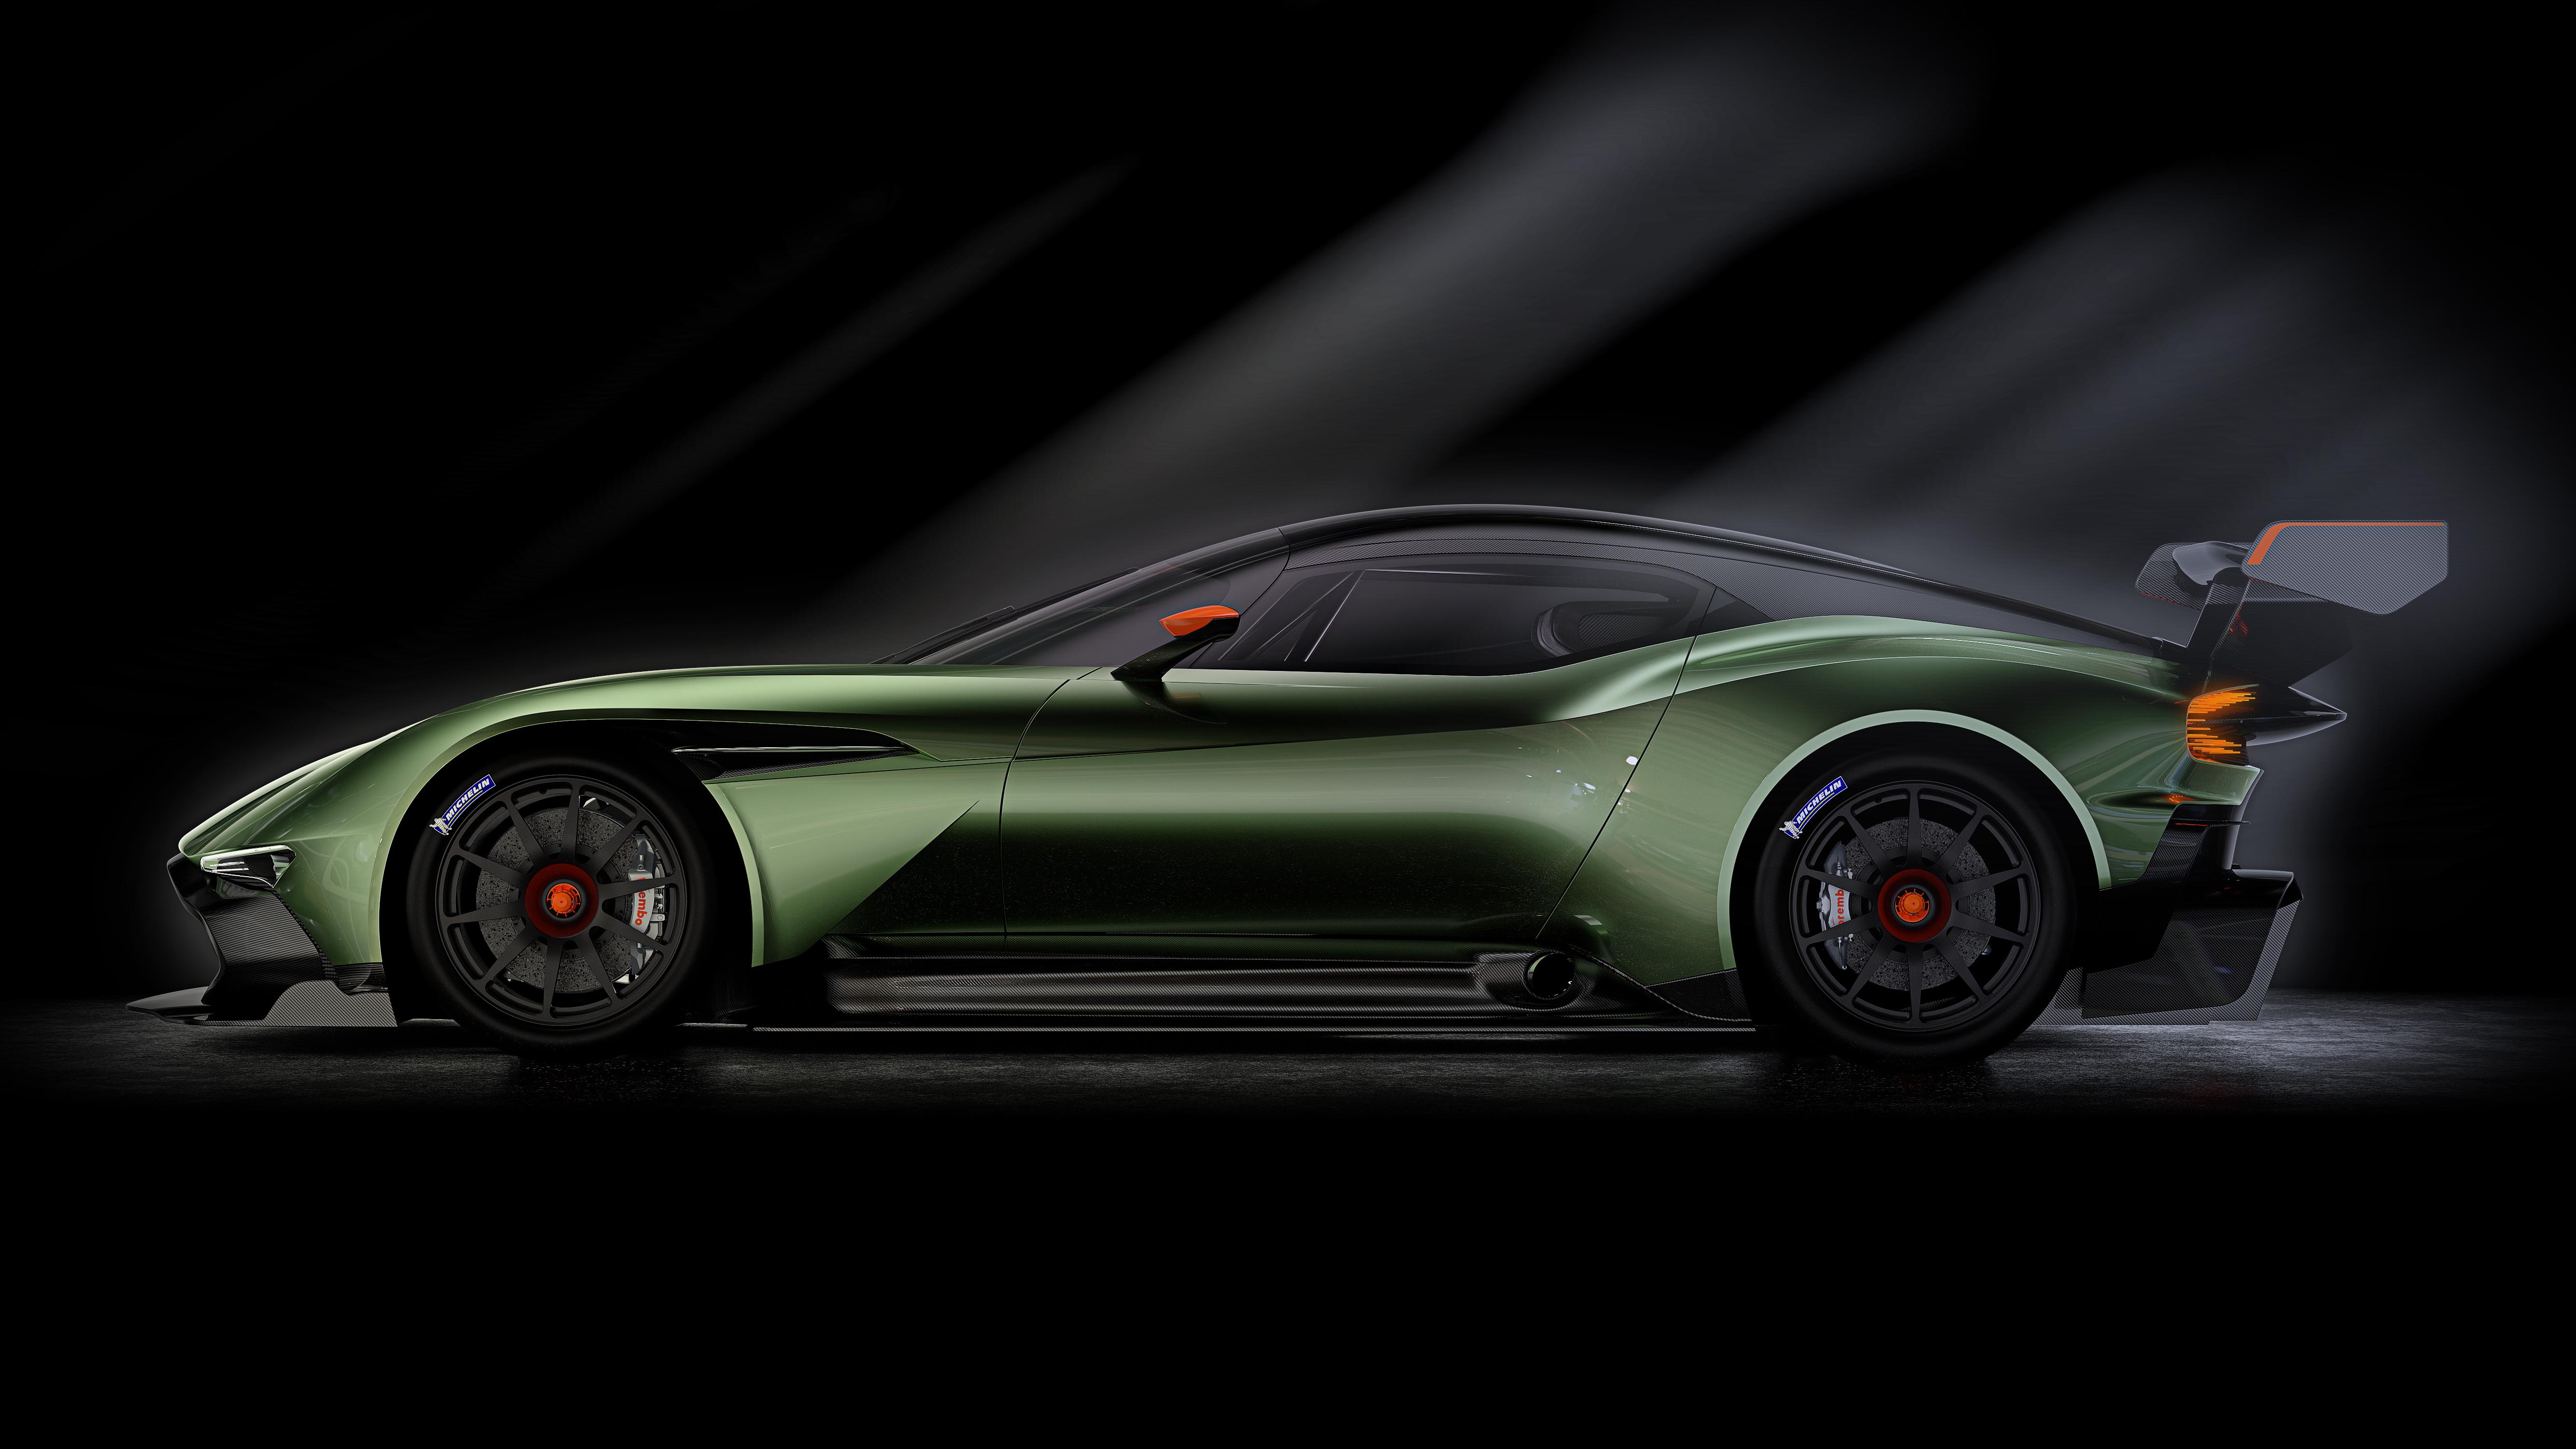 Aston Martin Vulcan High Definition Wallpapers